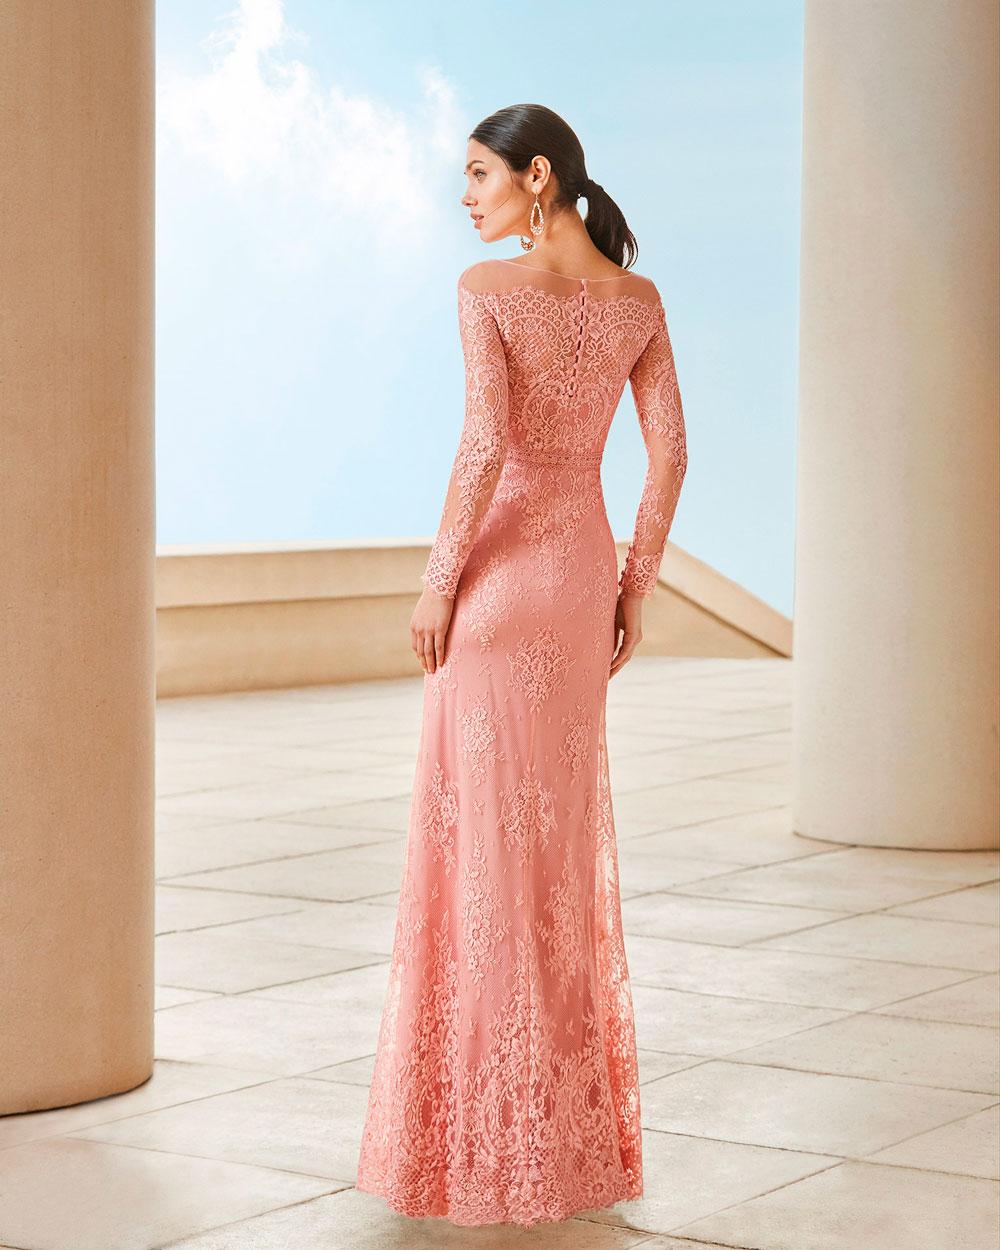 vestido de fiesta2020 4T196 ROSA CLARA_COCKTAIL 2